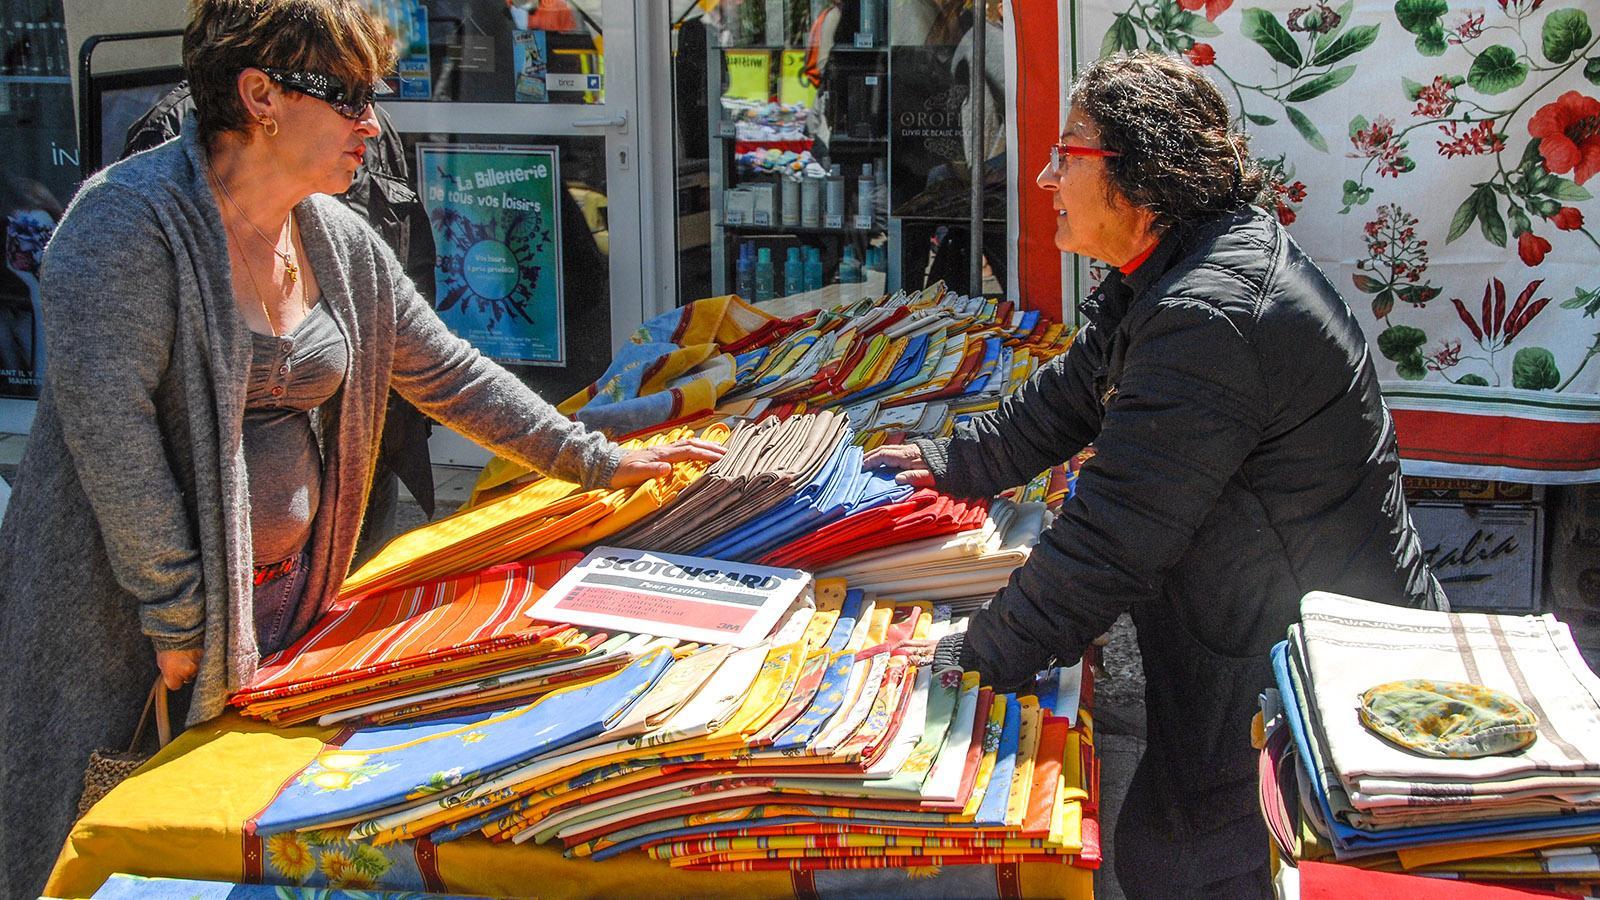 Fehlt auf keinem Wochenmarkt in der Provence: die Tuchhändlerin mit typisch prozenzalischen Stoffen. Foto: Hilke Maunder